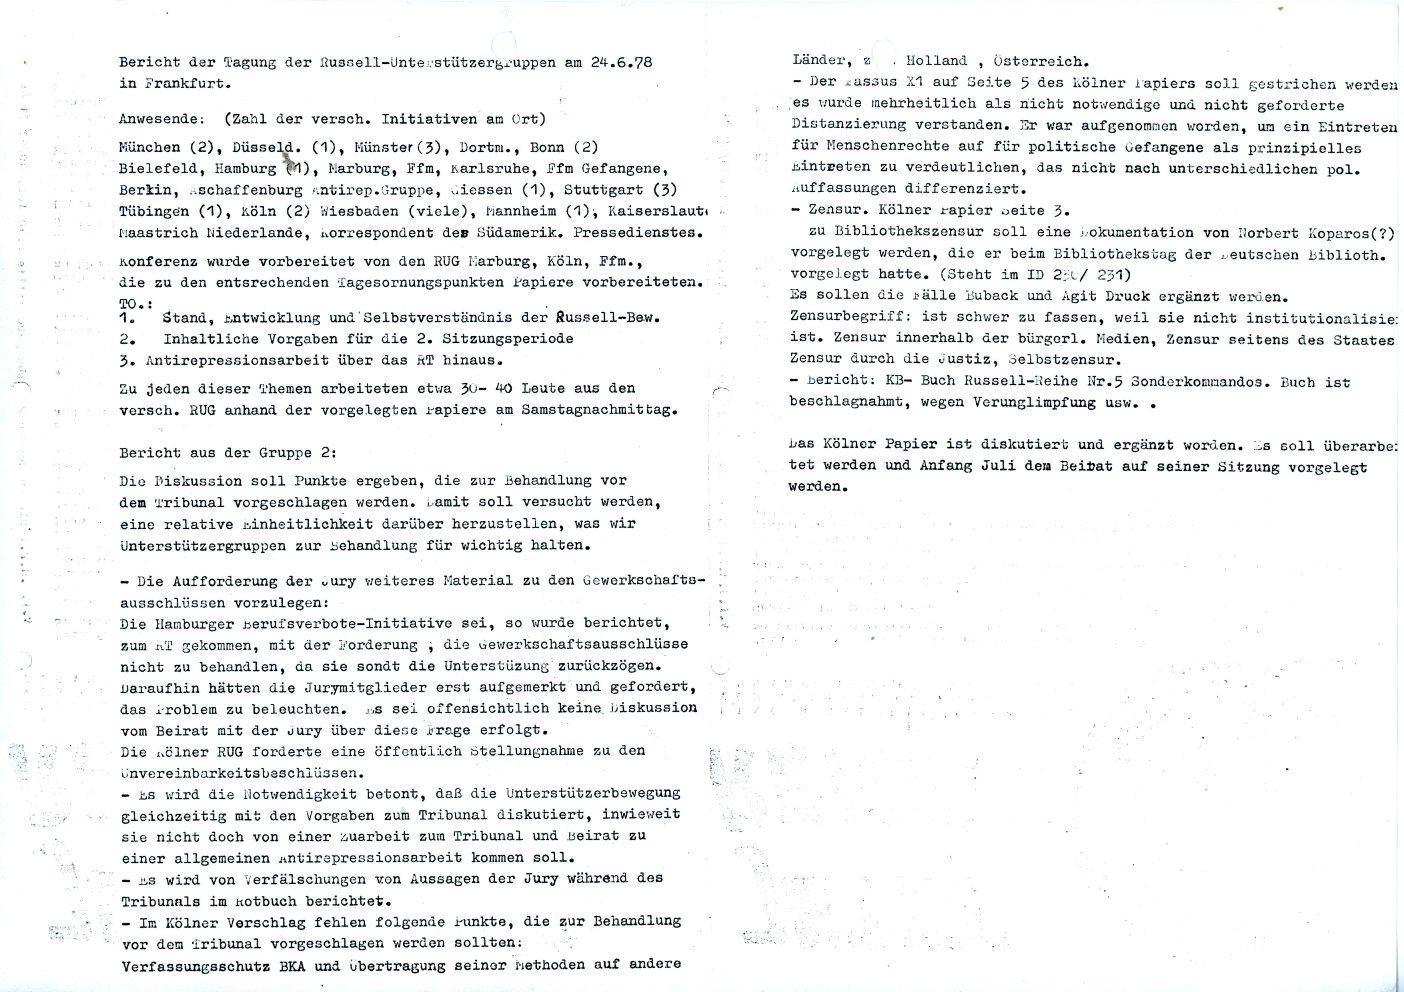 Frankfurt_Konferenz_der_Russell_Unterstuetzungsgruppen_19780624_06